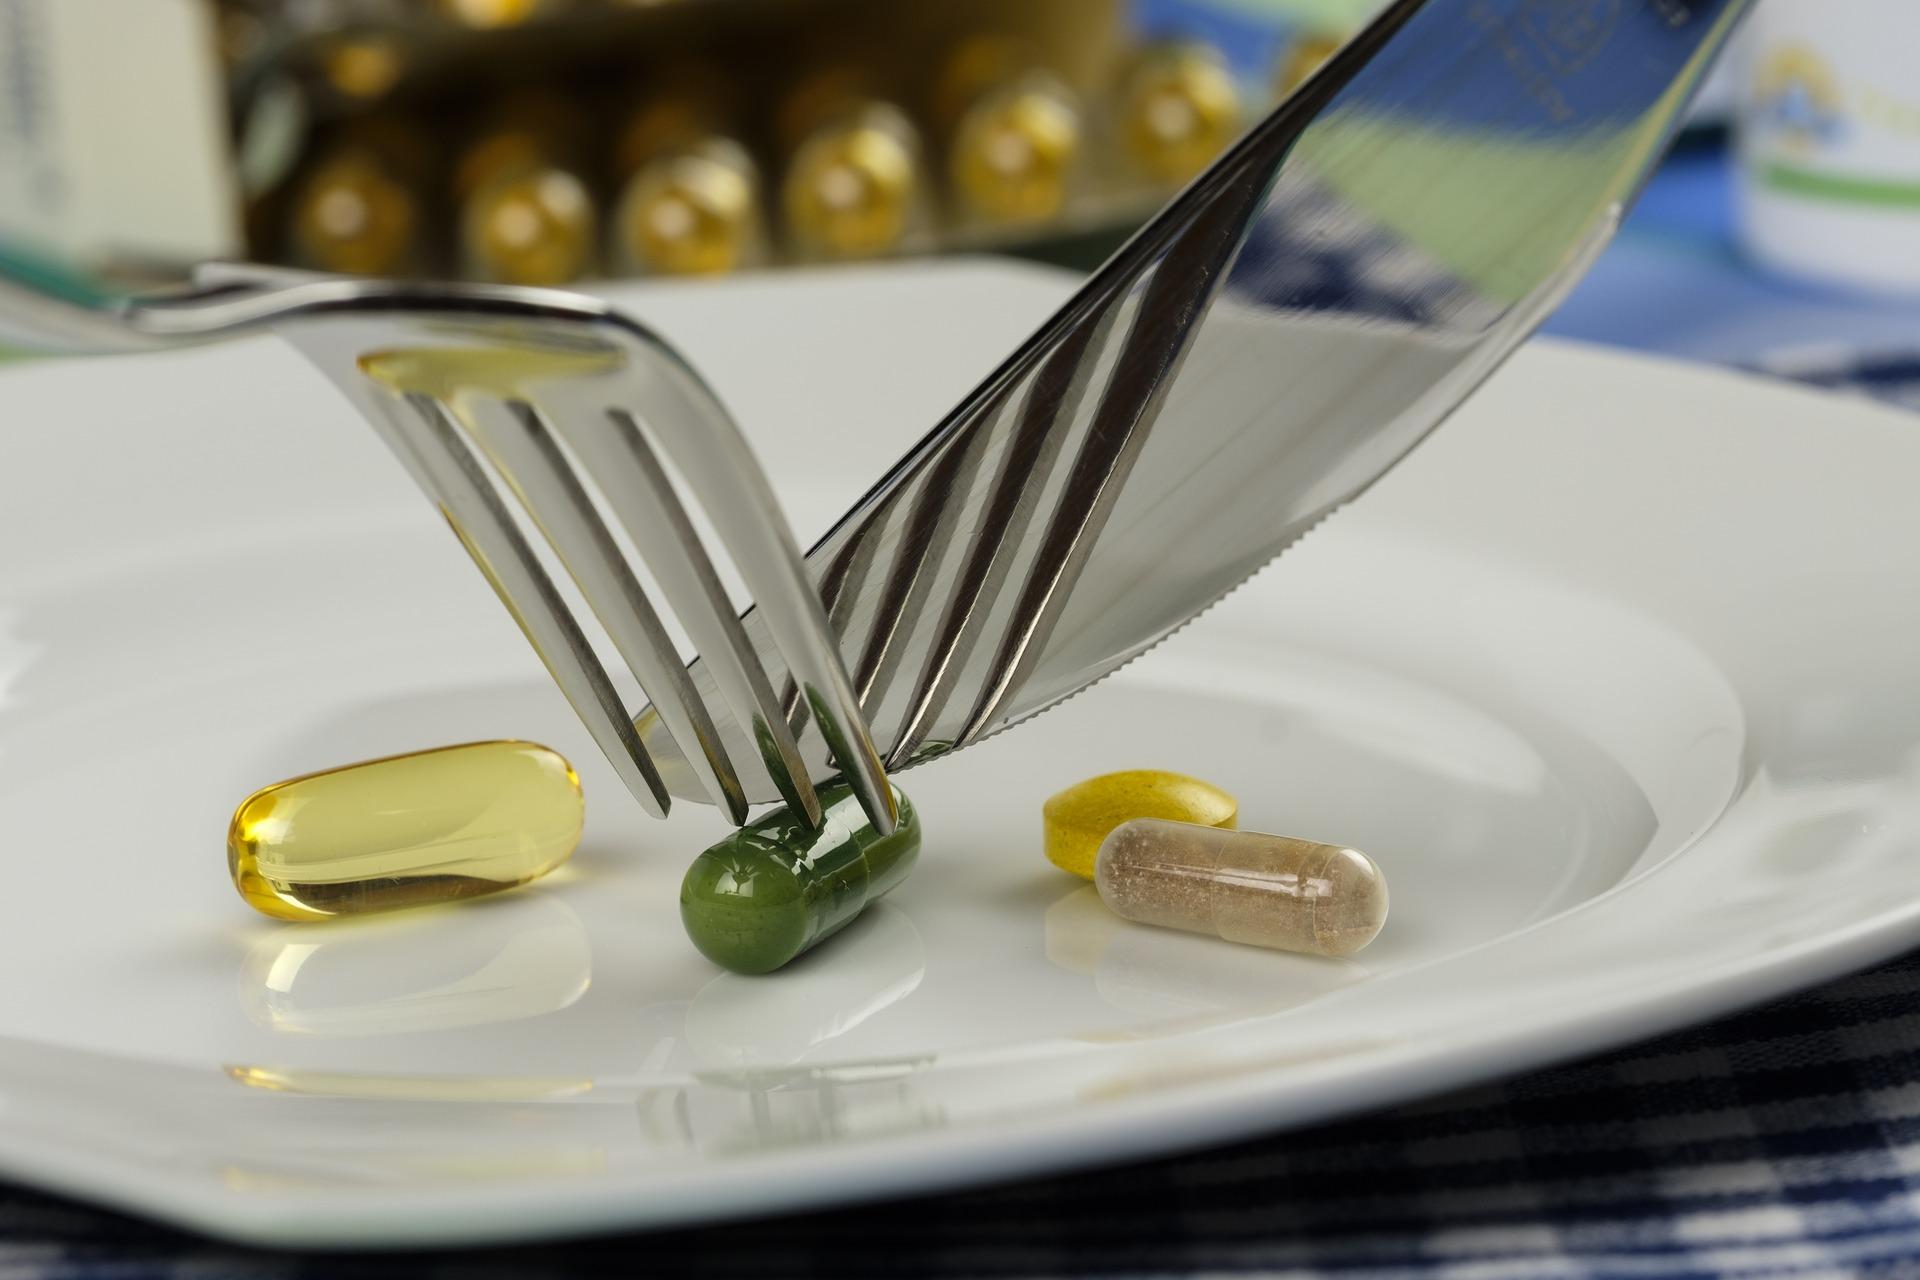 Raba prehranskih dopolnil narašča